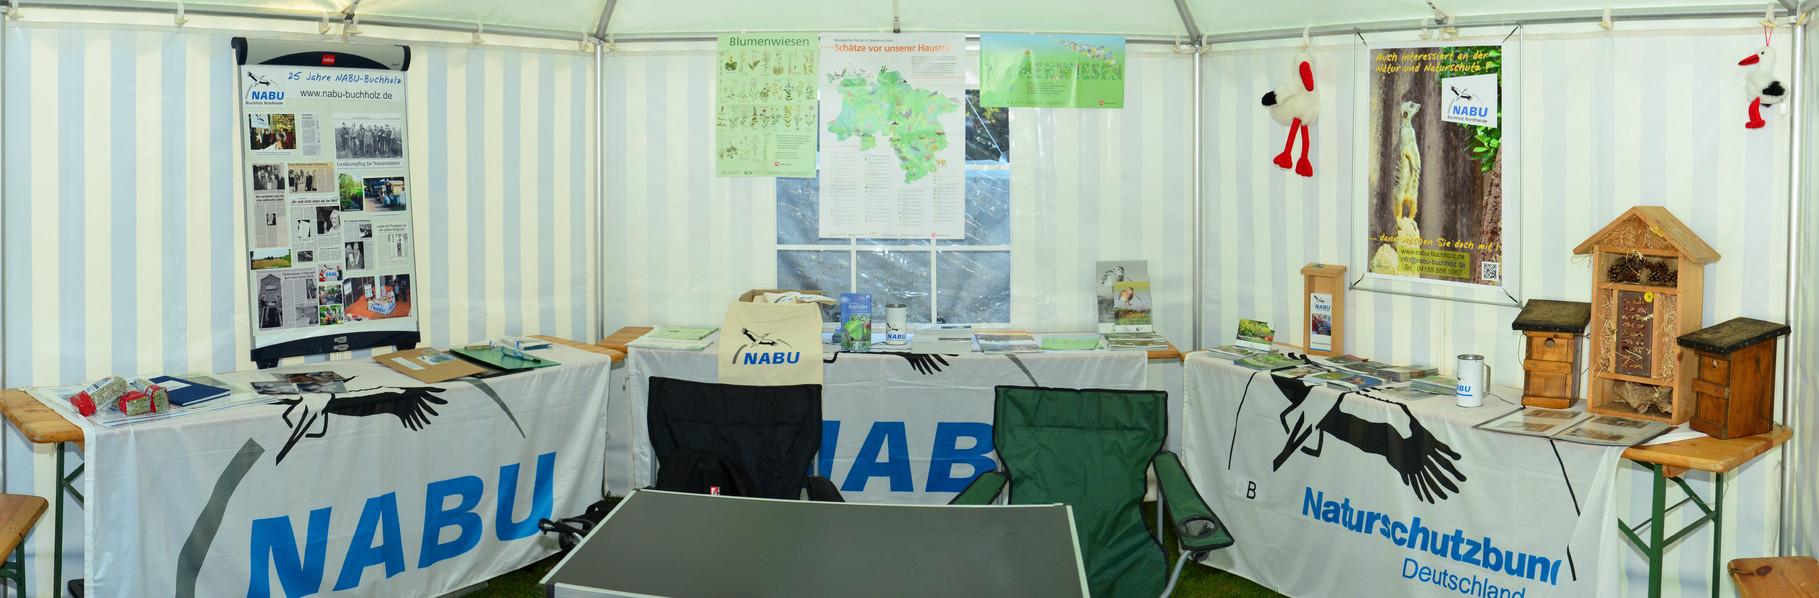 Innenansicht des NABU-Zeltes